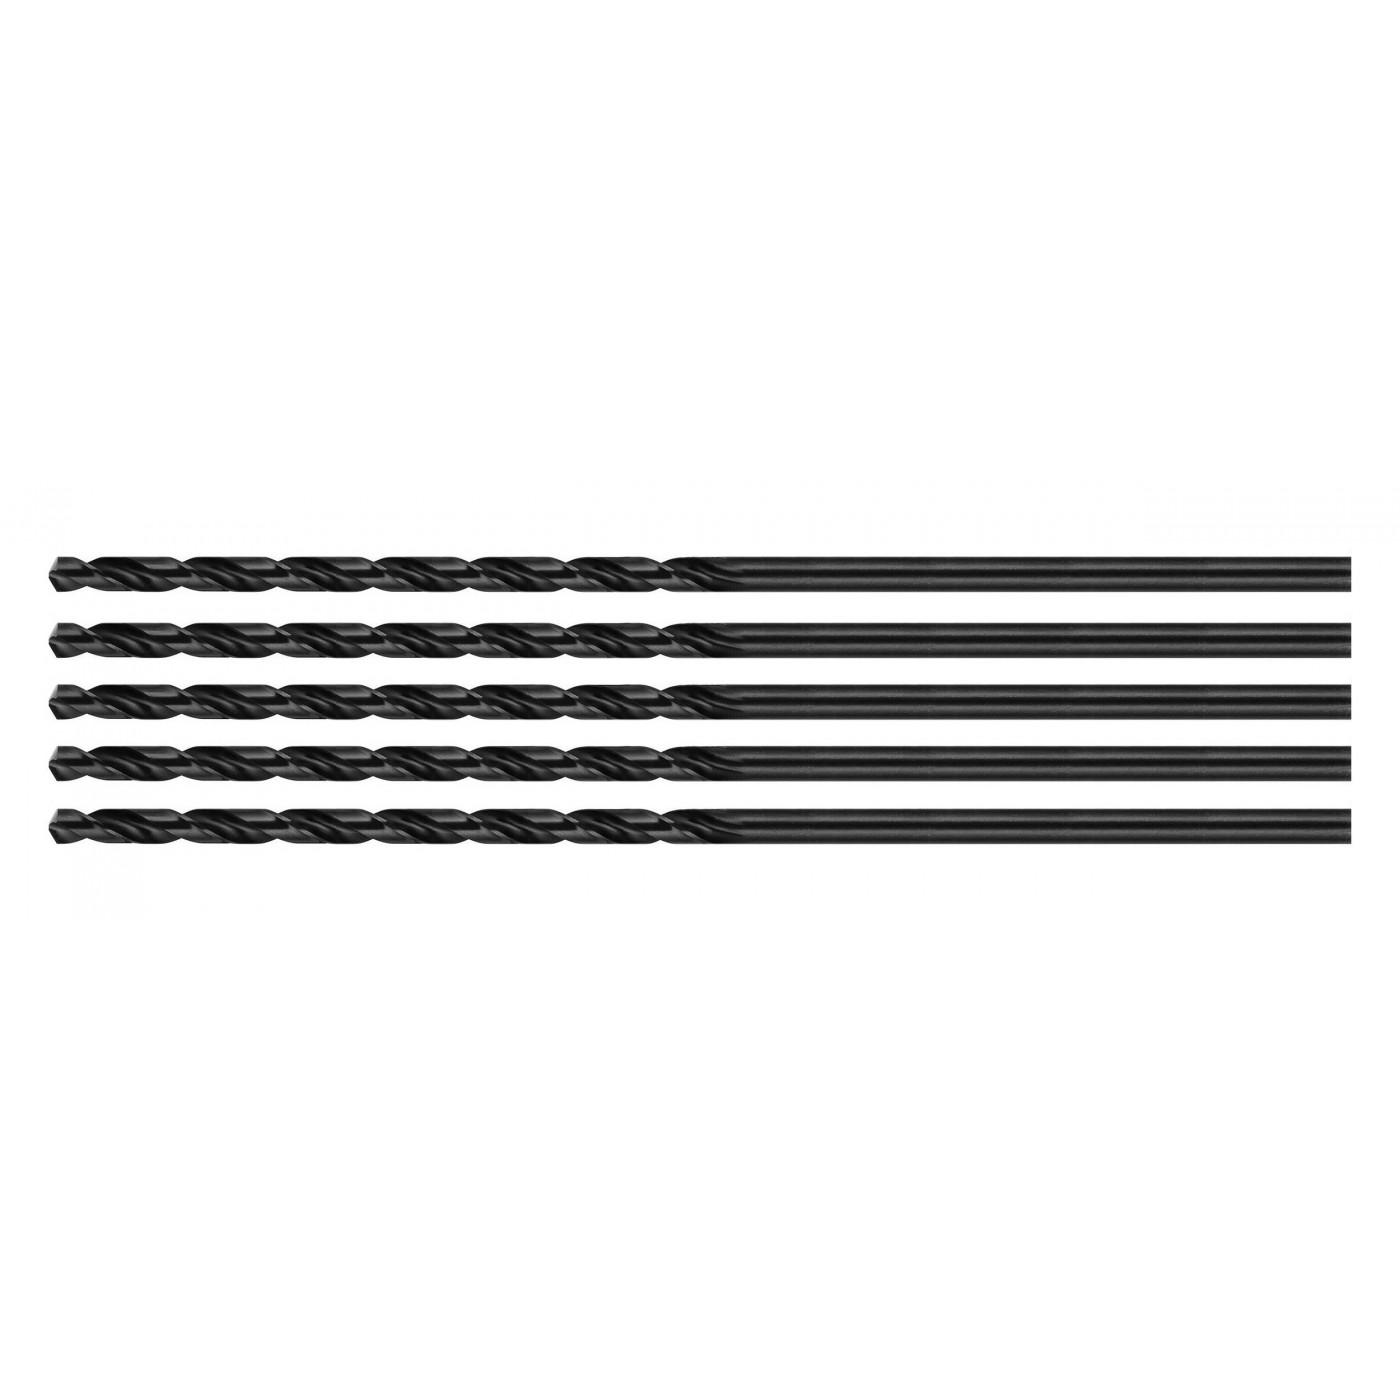 Set of 5 metal drill bits (HSS, 4.2x100 mm)